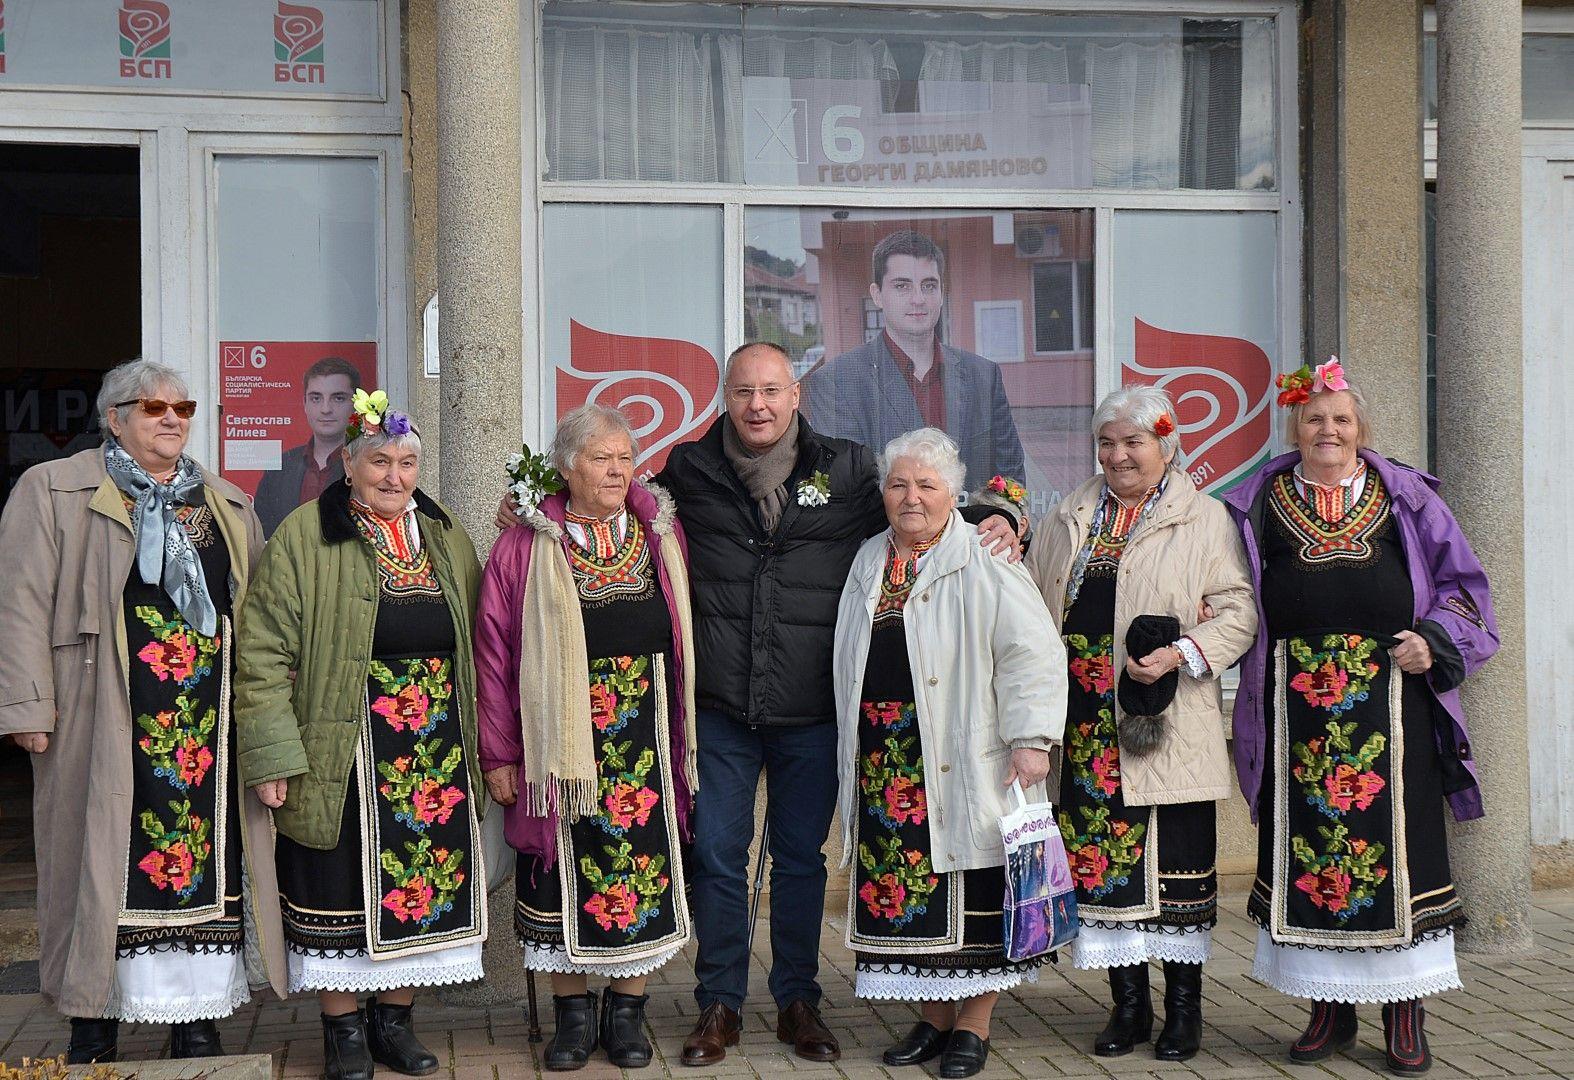 Бившият лидер на БСП се снима с местни баби пред клуба на партията